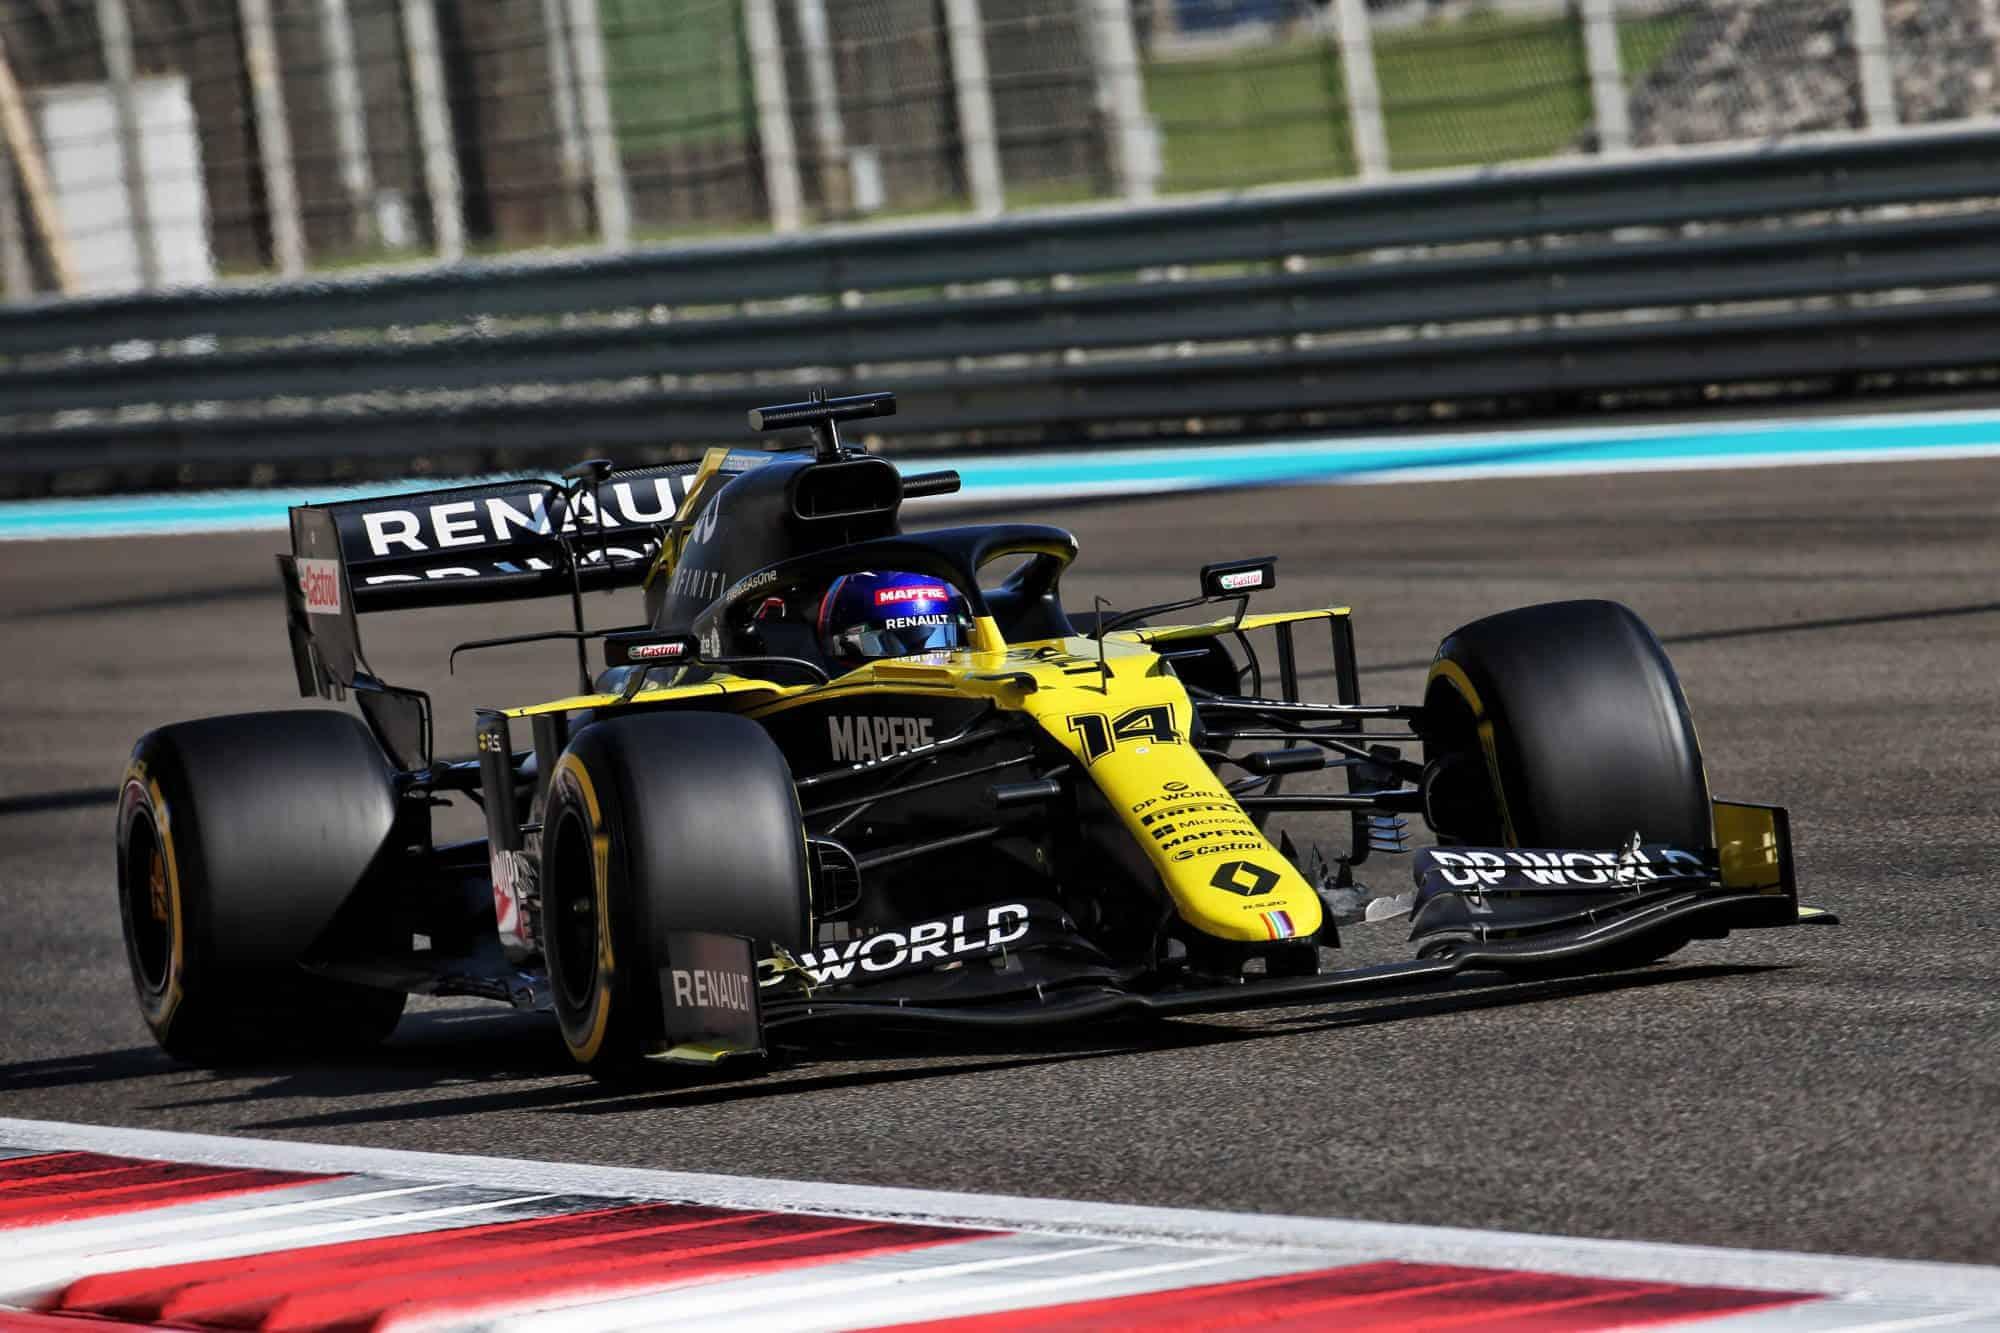 2020 Abu Dhabi GP Alonso Renault RS20 post season young driver test Photo Renault